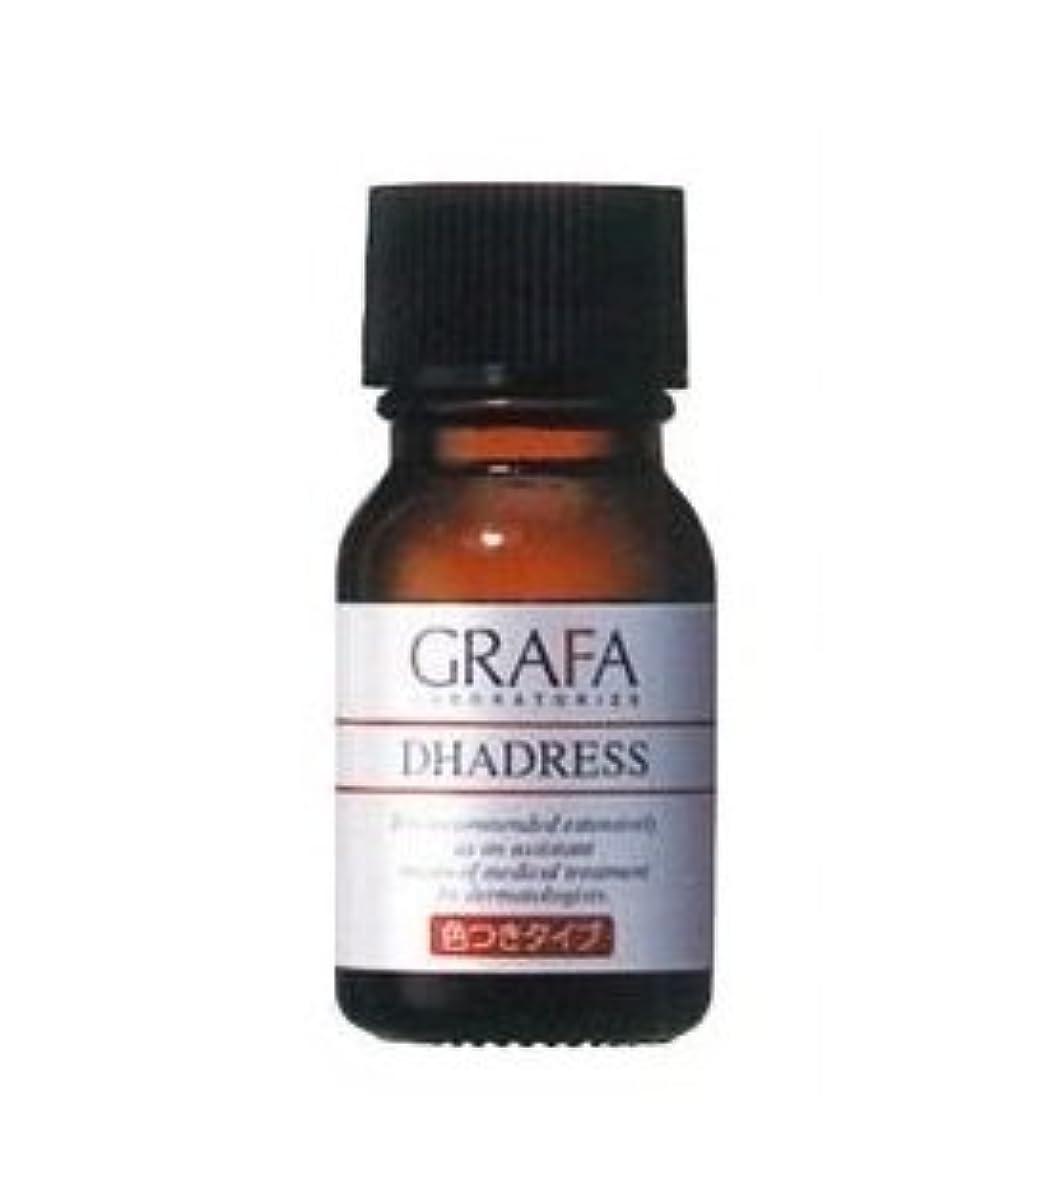 種類疾患少ないグラファ ダドレスC (色つきタイプ) 11mL 着色用化粧水 GRAFA DHADRESS